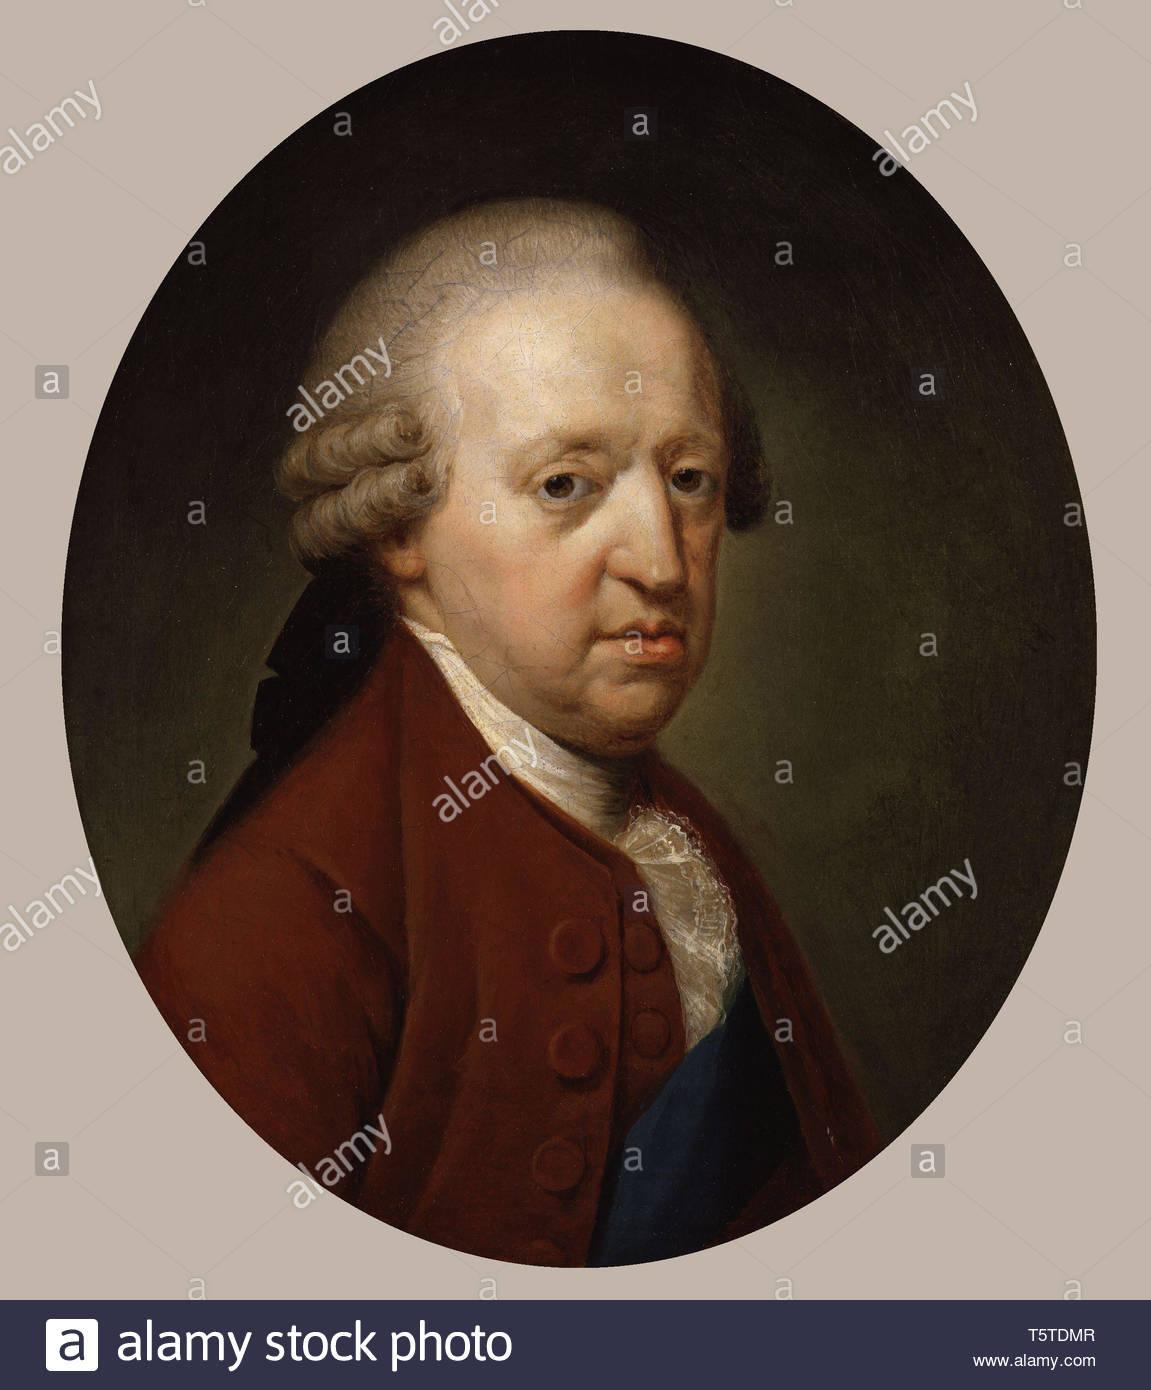 Prince Charles Edward Stuart - Hugh Douglas Hamilton - Stock Image